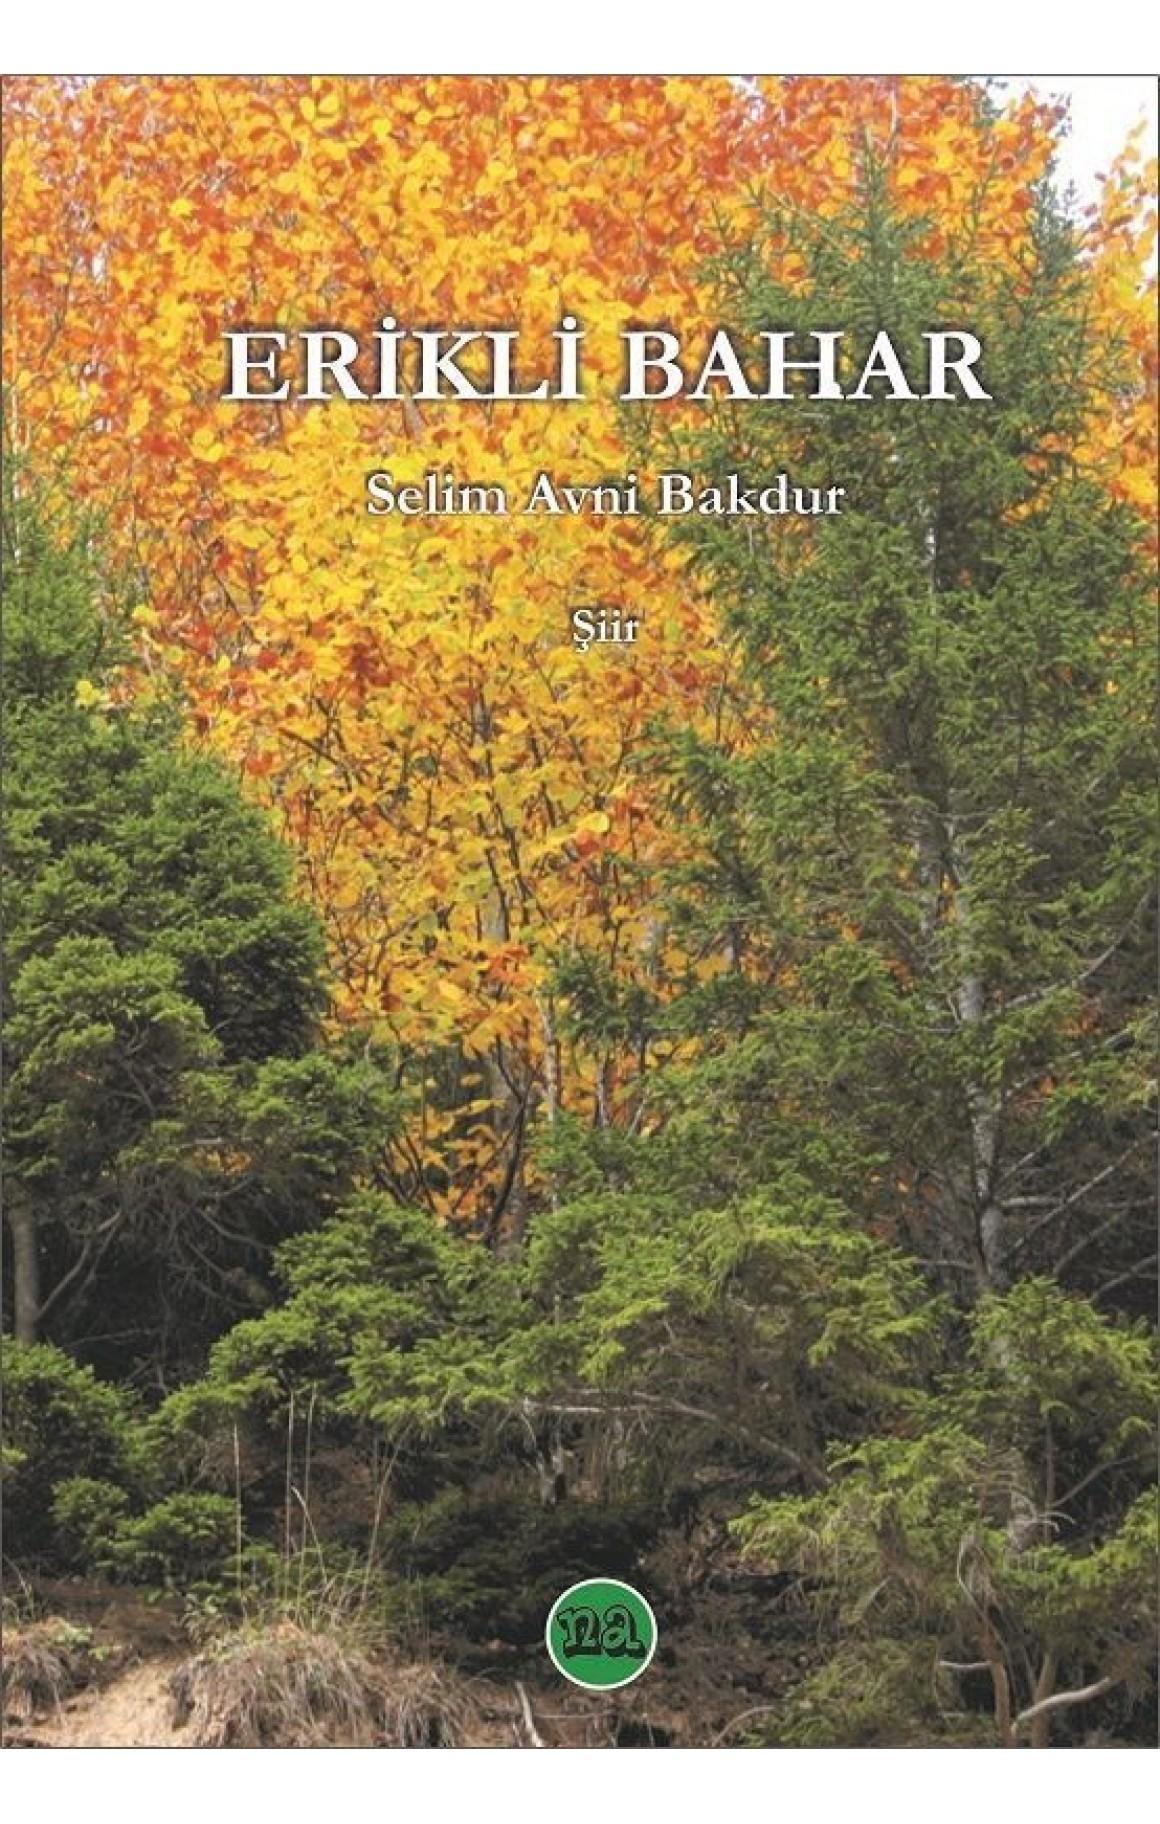 Erikli Bahar